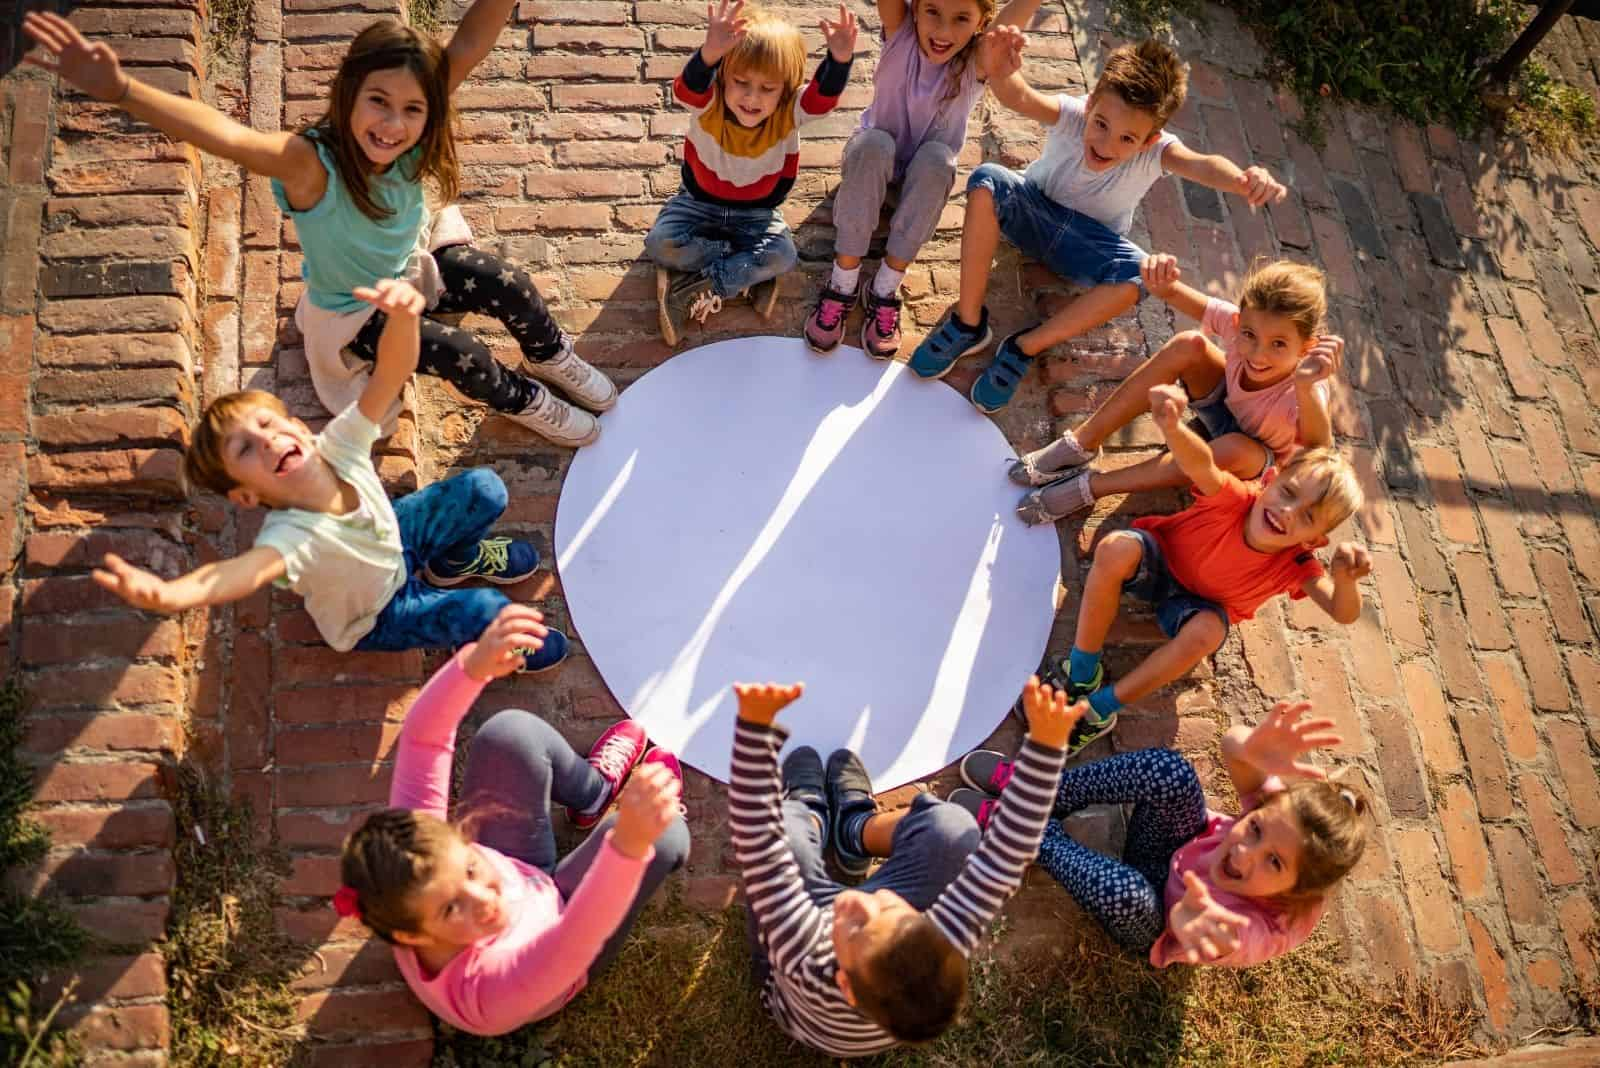 Gruppe von Kindern Kreisen um einen weißen Kreis in der Kopfansicht